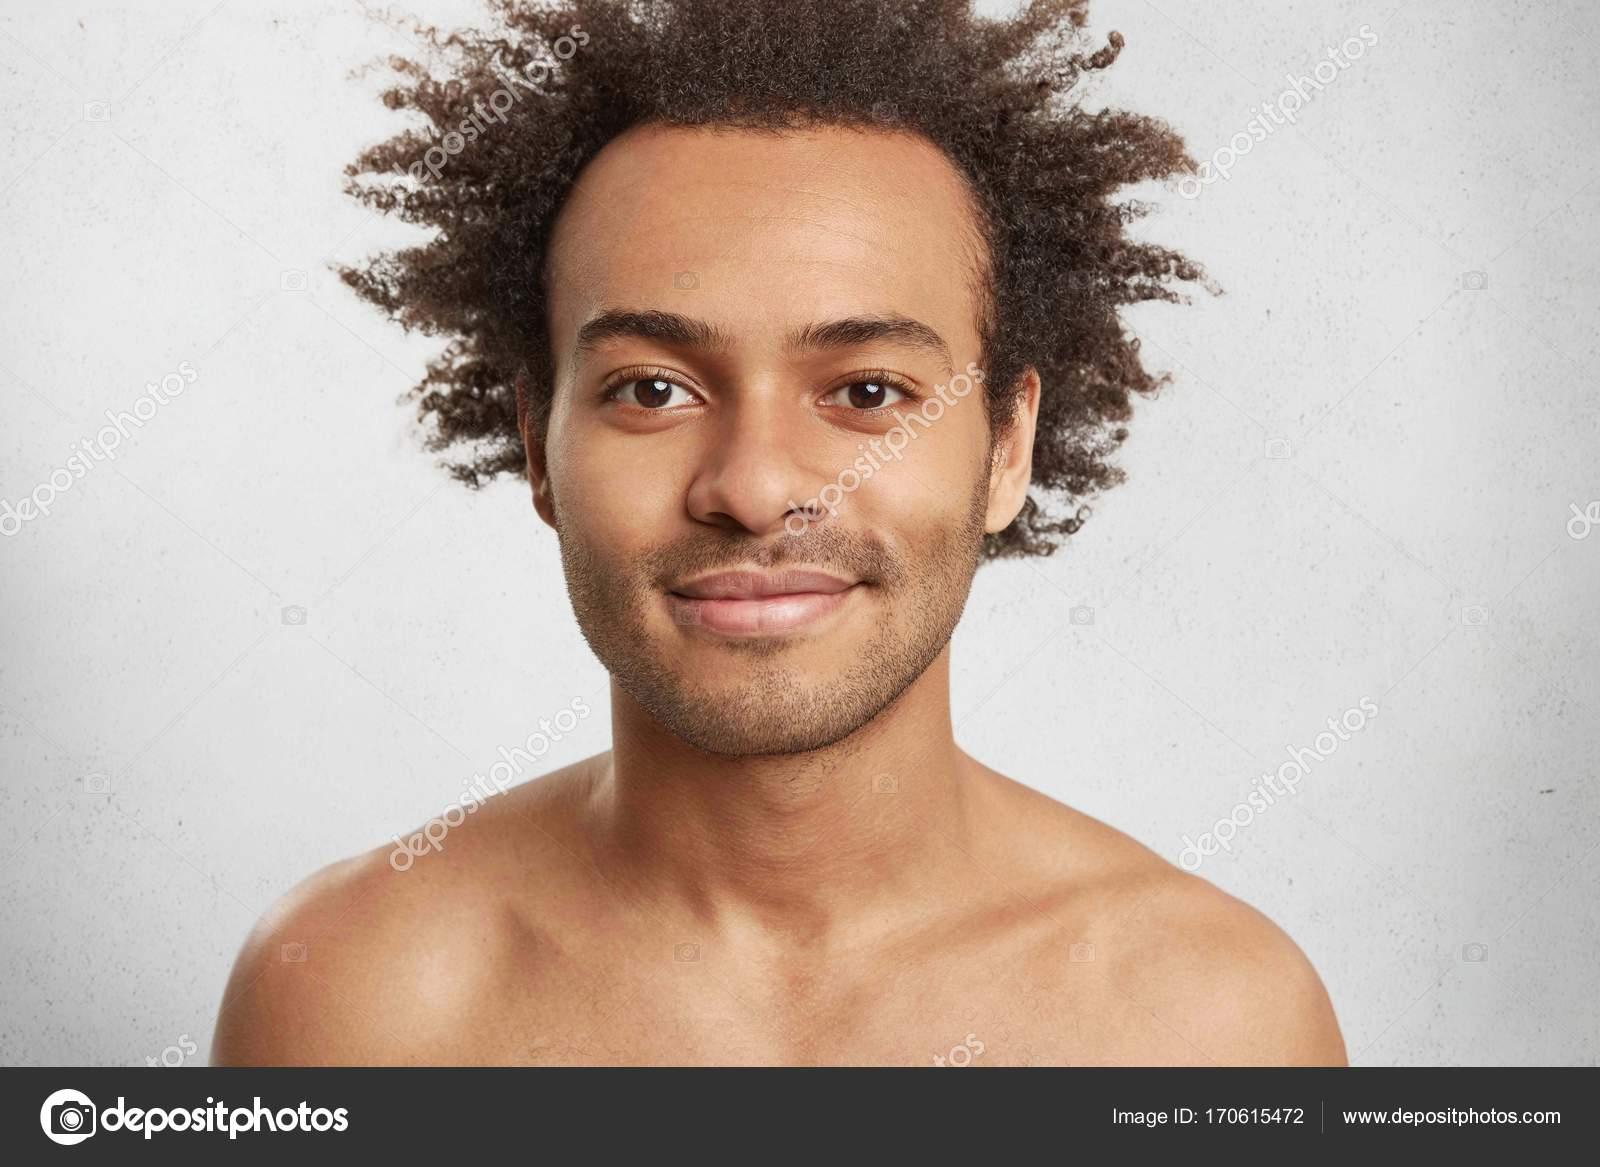 herzlichen glückwunsch bilder nackt